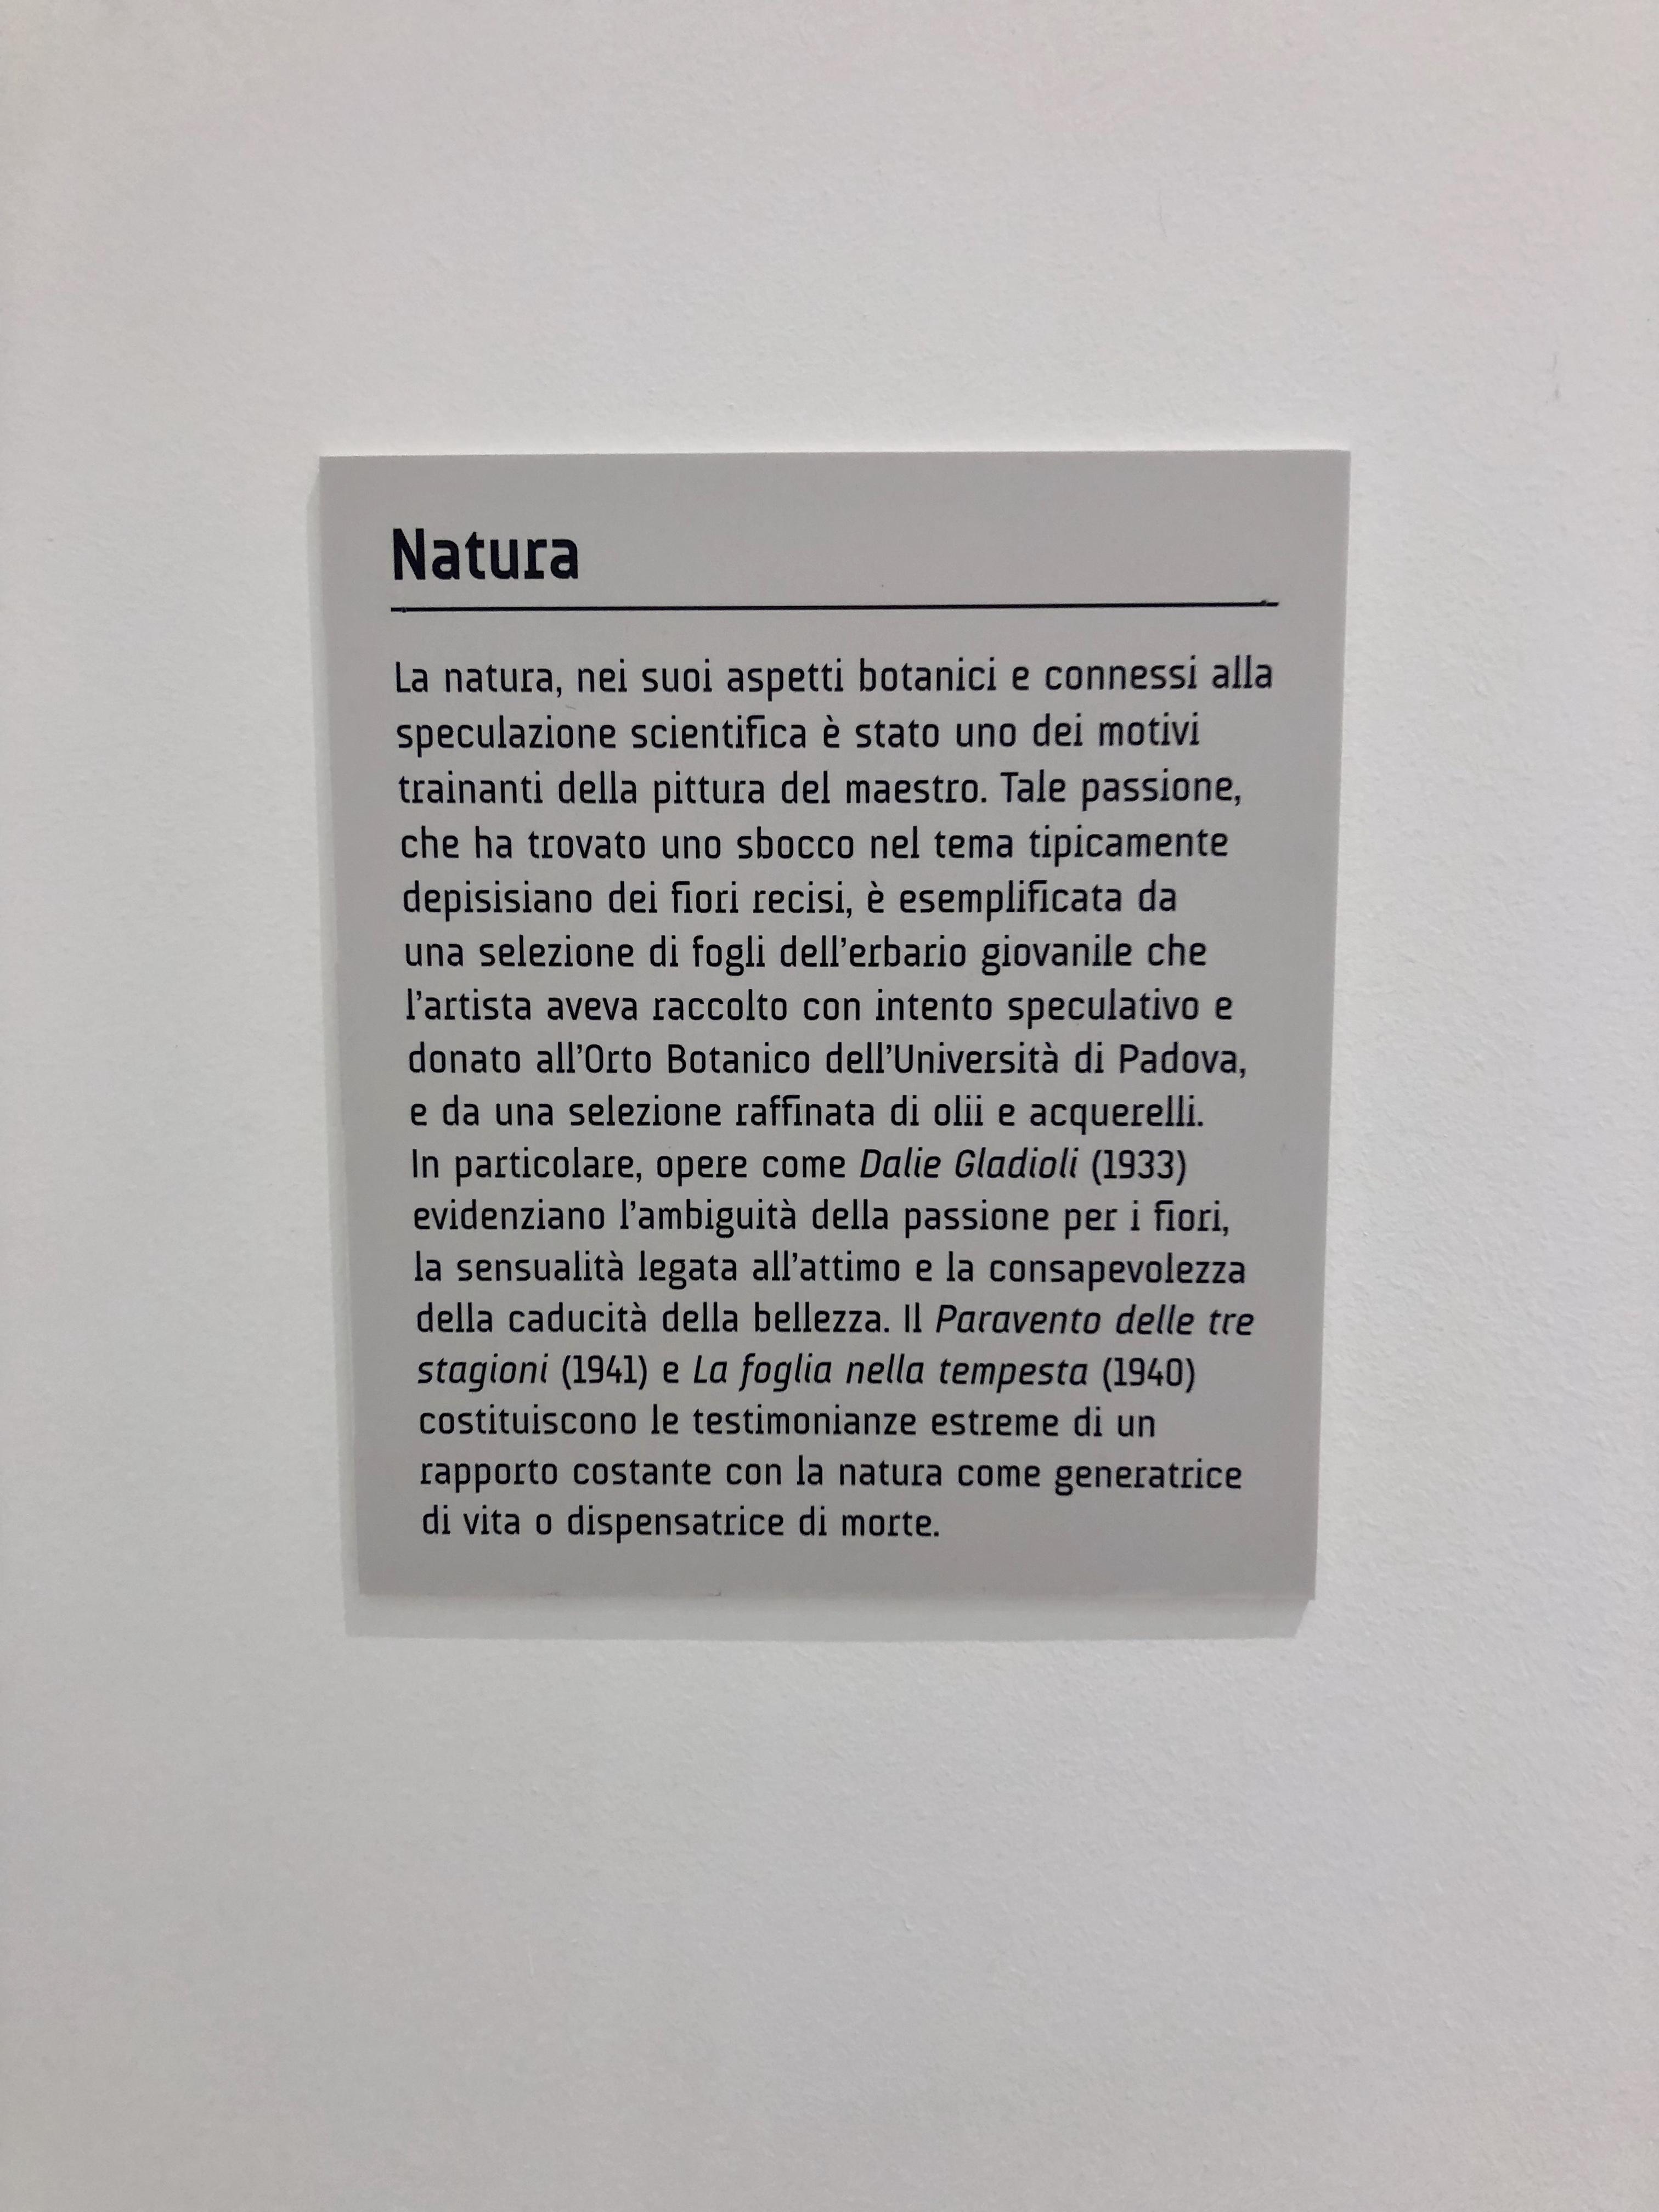 TalentiEventi_Filippo_De_Pisis_Eclettico_connoisseur_fra pittura_ musica_e_poesia_Museo_Ettore_Fico_12